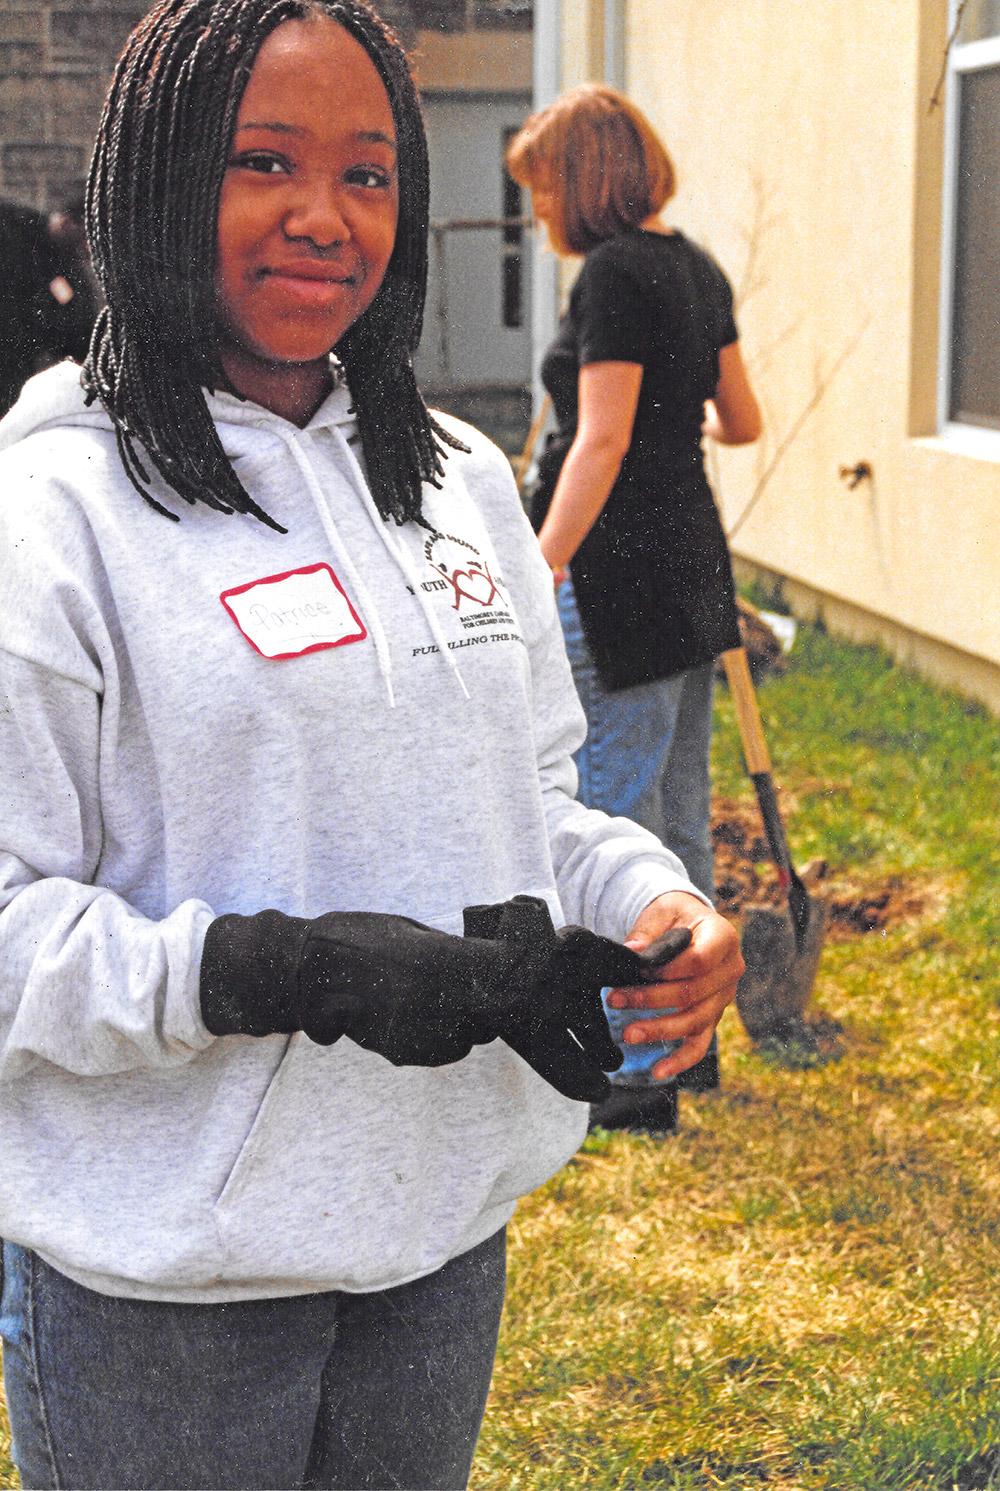 Patrice gets her garden gloves on. Photo by Cinder Hypki.